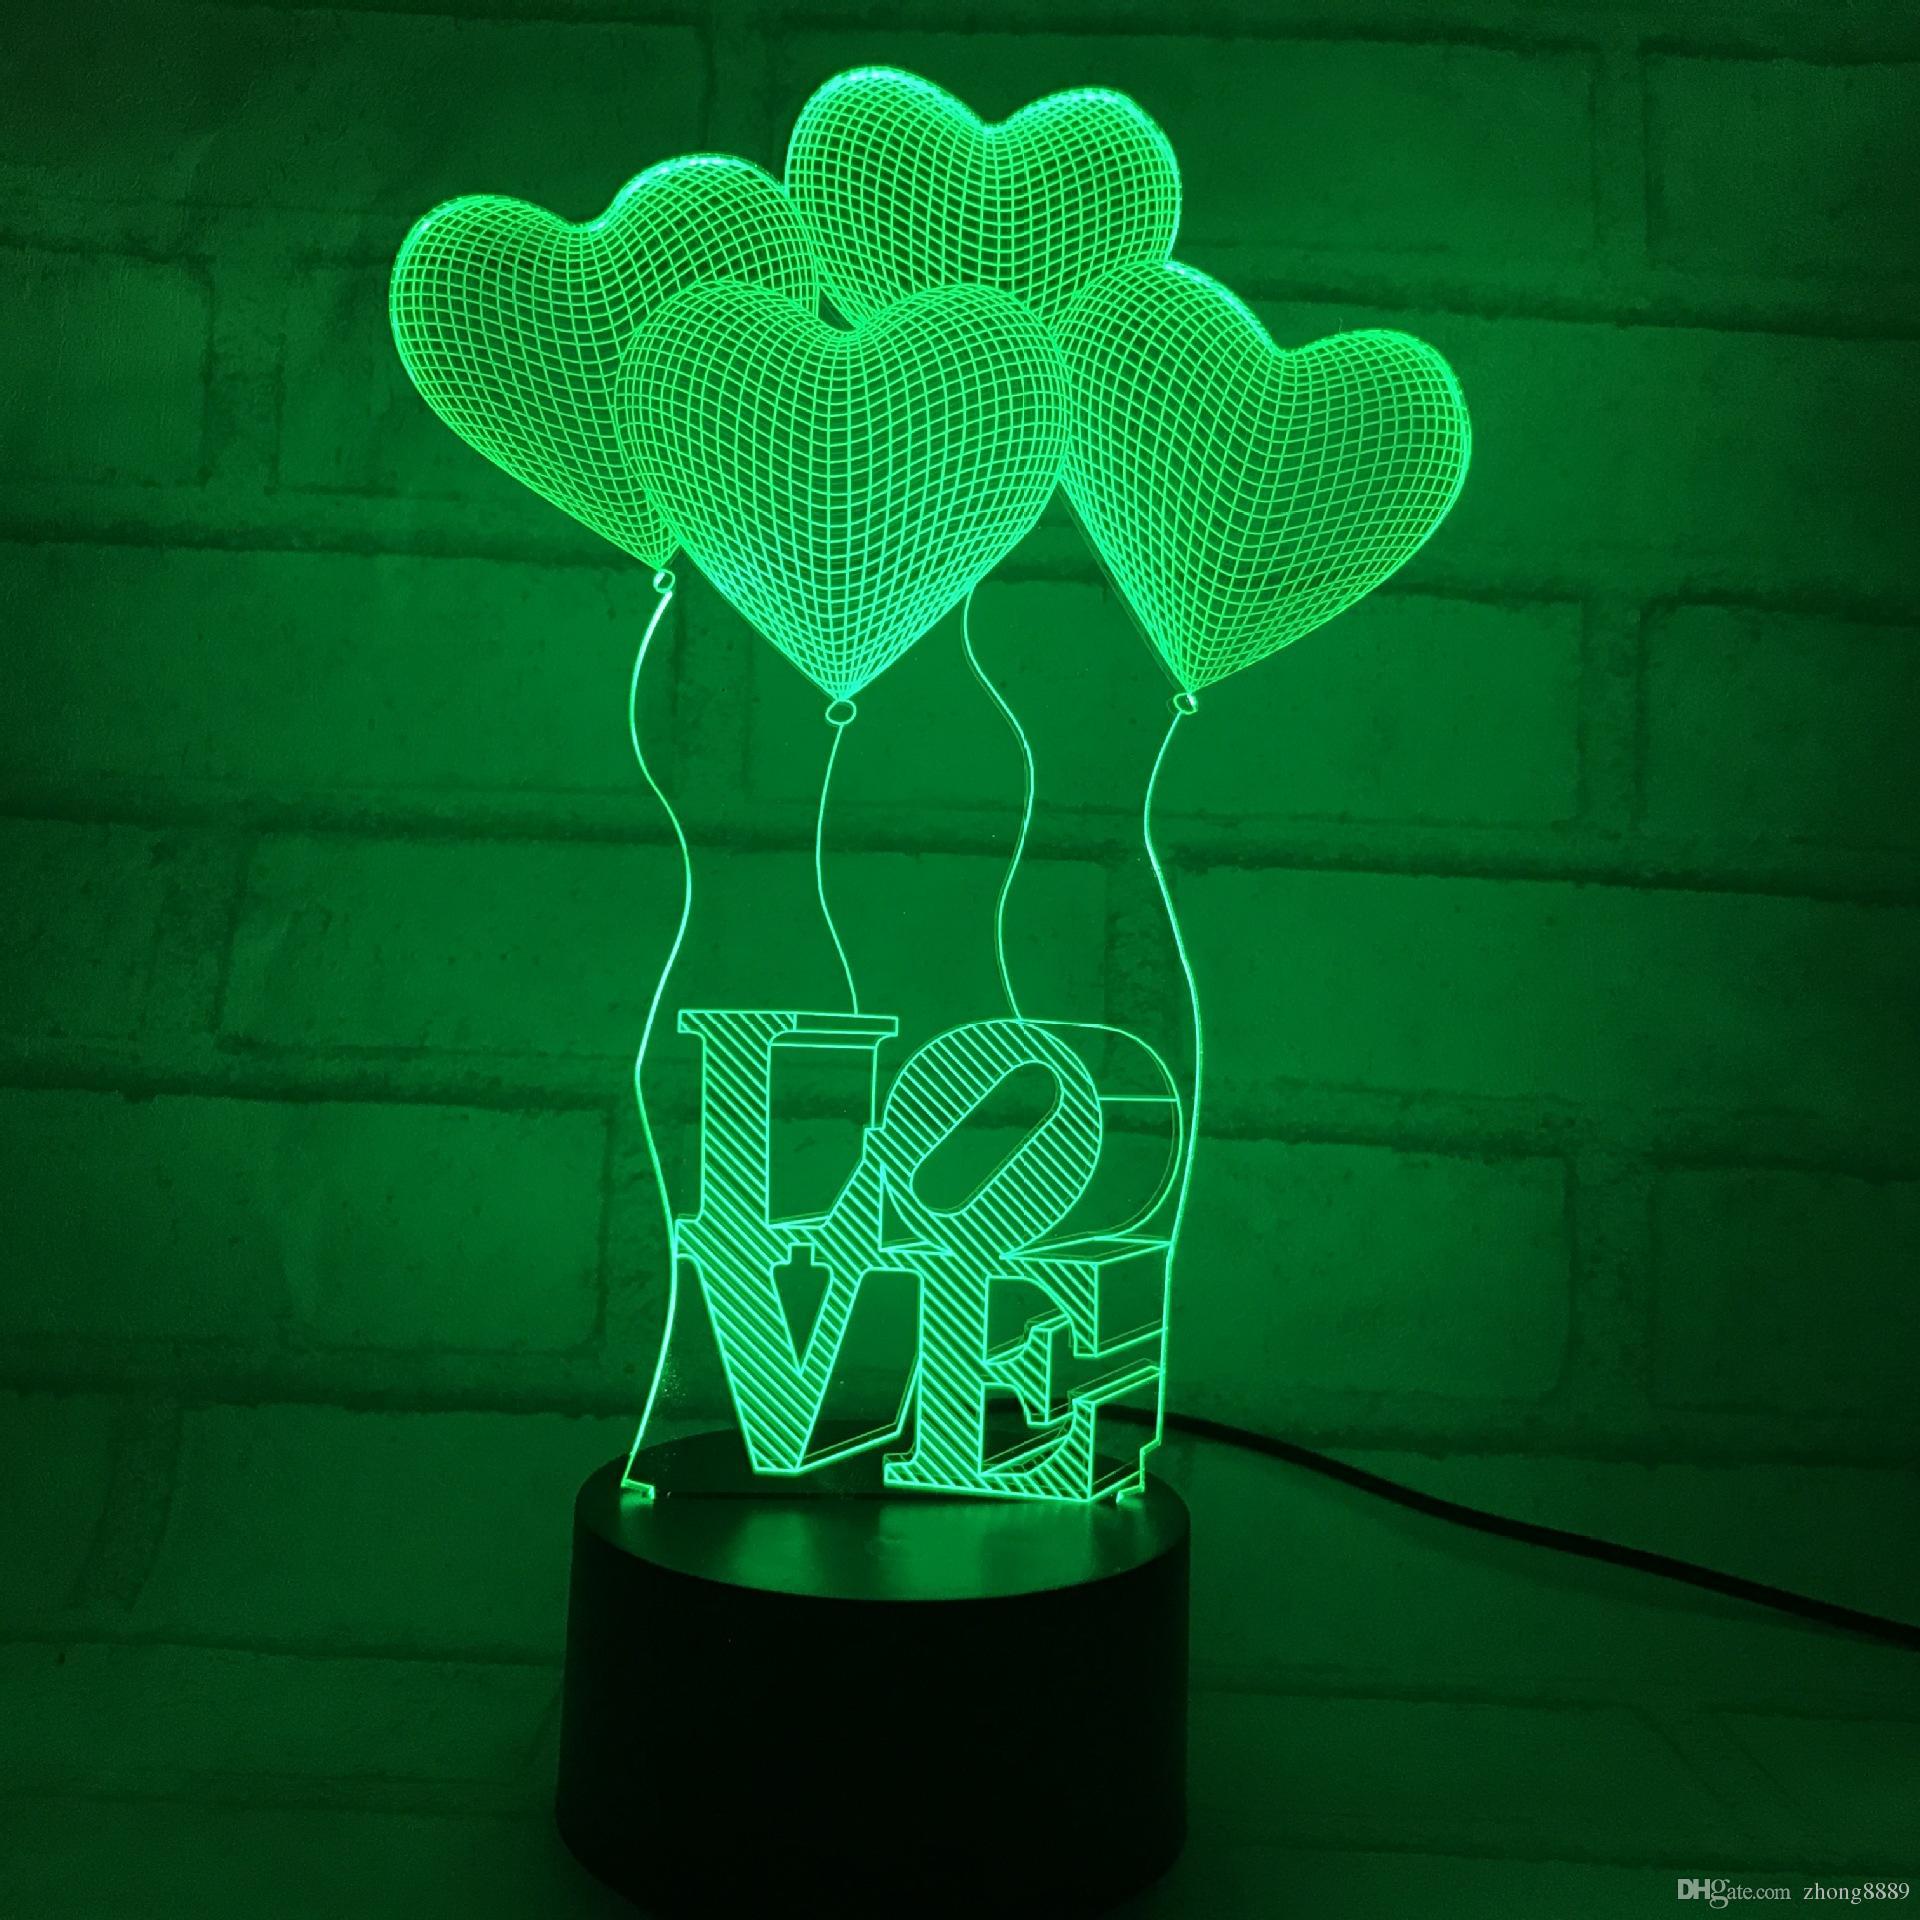 2018 neue 3d led lampe licht usb abstrakte nachtlicht bunte liebe ballonform lampe für hochzeit innovative büro party decor geschenk vorhanden